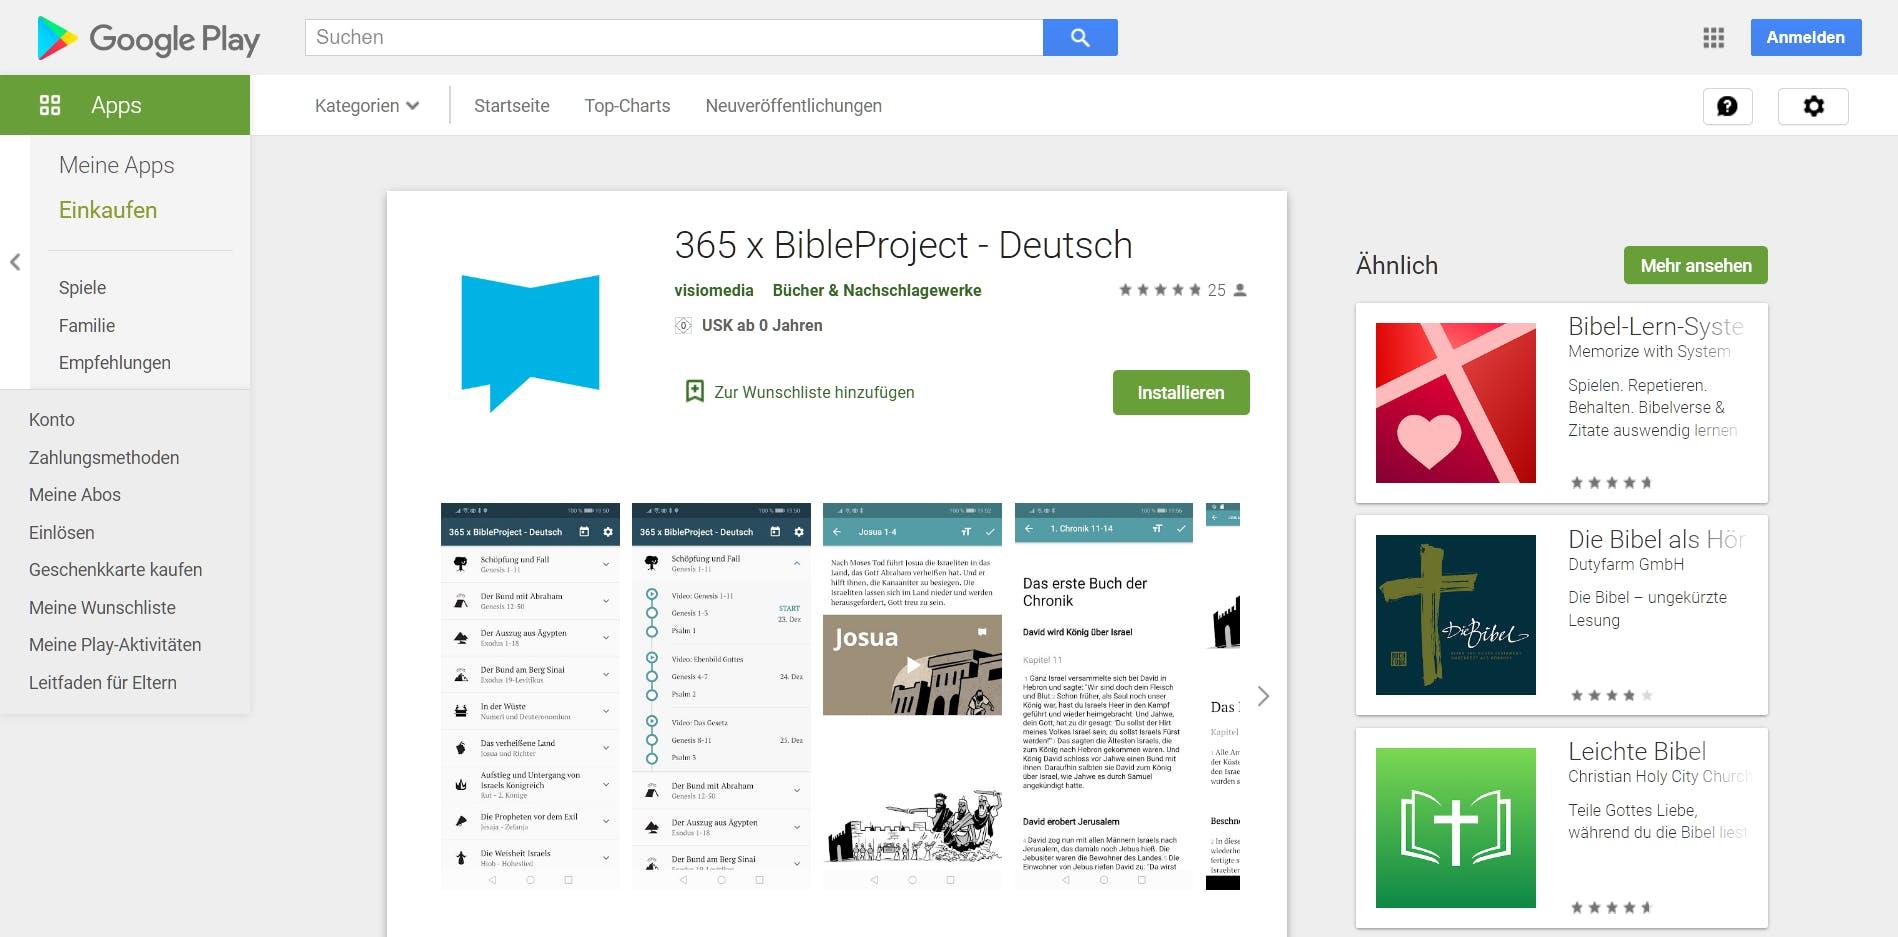 365 x BibleProject - Deutsch Appstore Screenshot